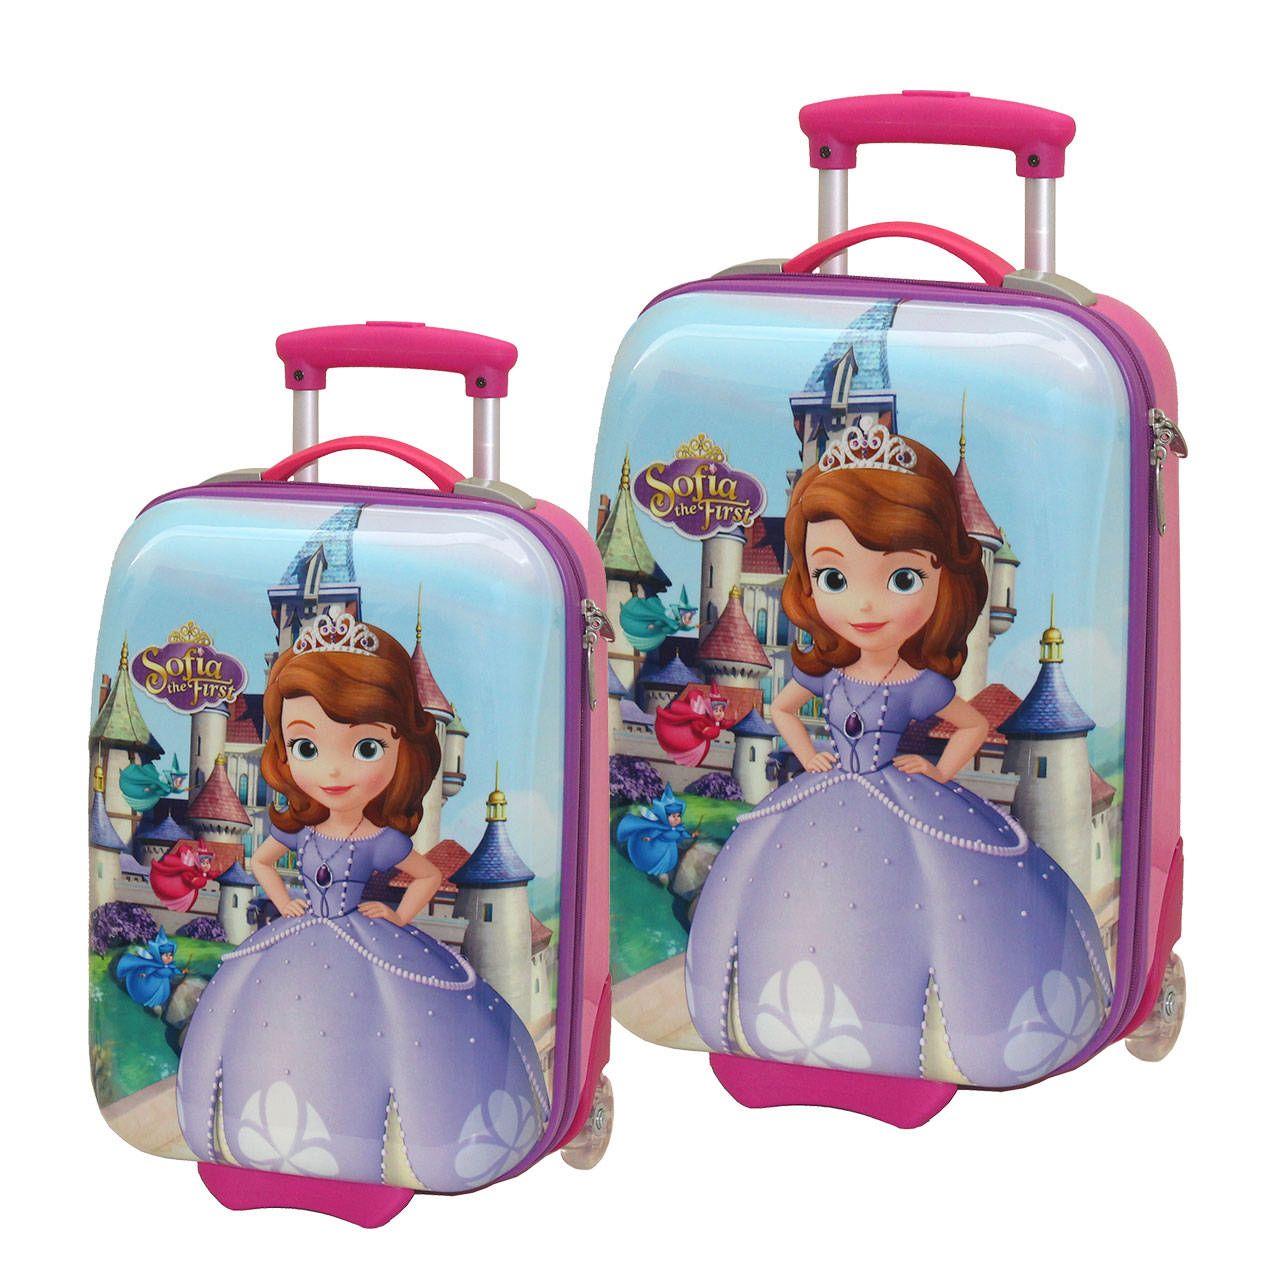 3e460fb9b Nuevas maletas Princesa Sofia de www.maletastony.com | Maletas ...